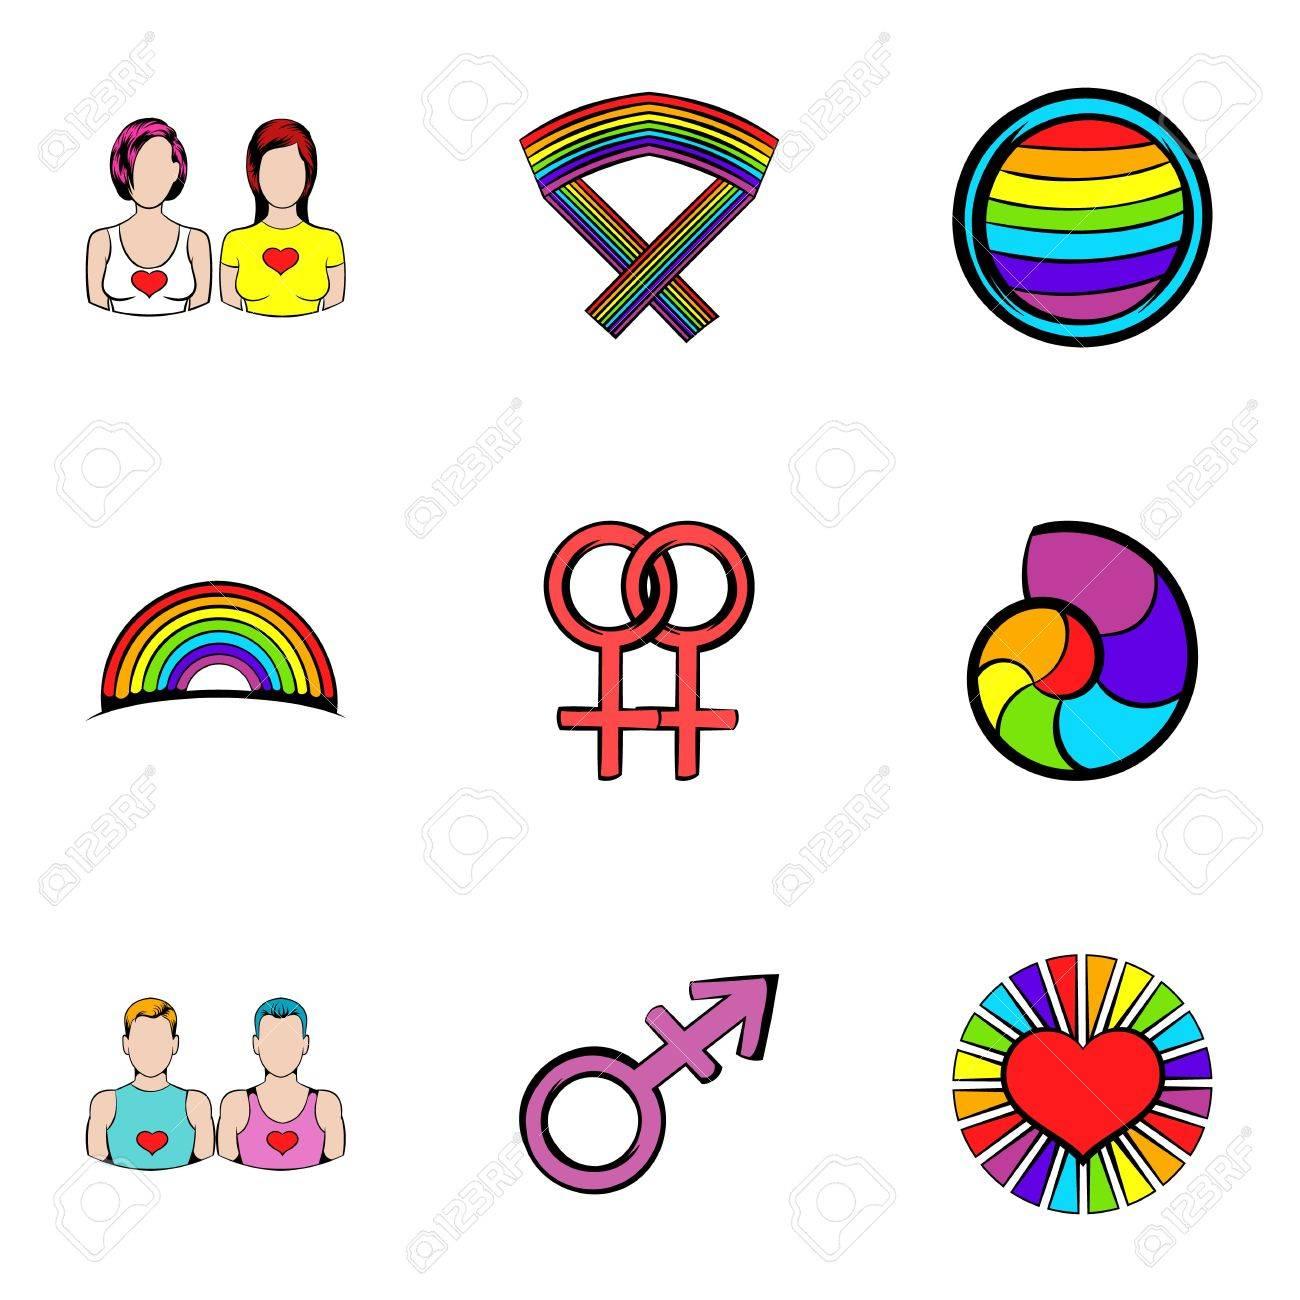 Ensemble D Icones Lesbiennes Style De Dessin Anime Clip Art Libres De Droits Vecteurs Et Illustration Image 74987040